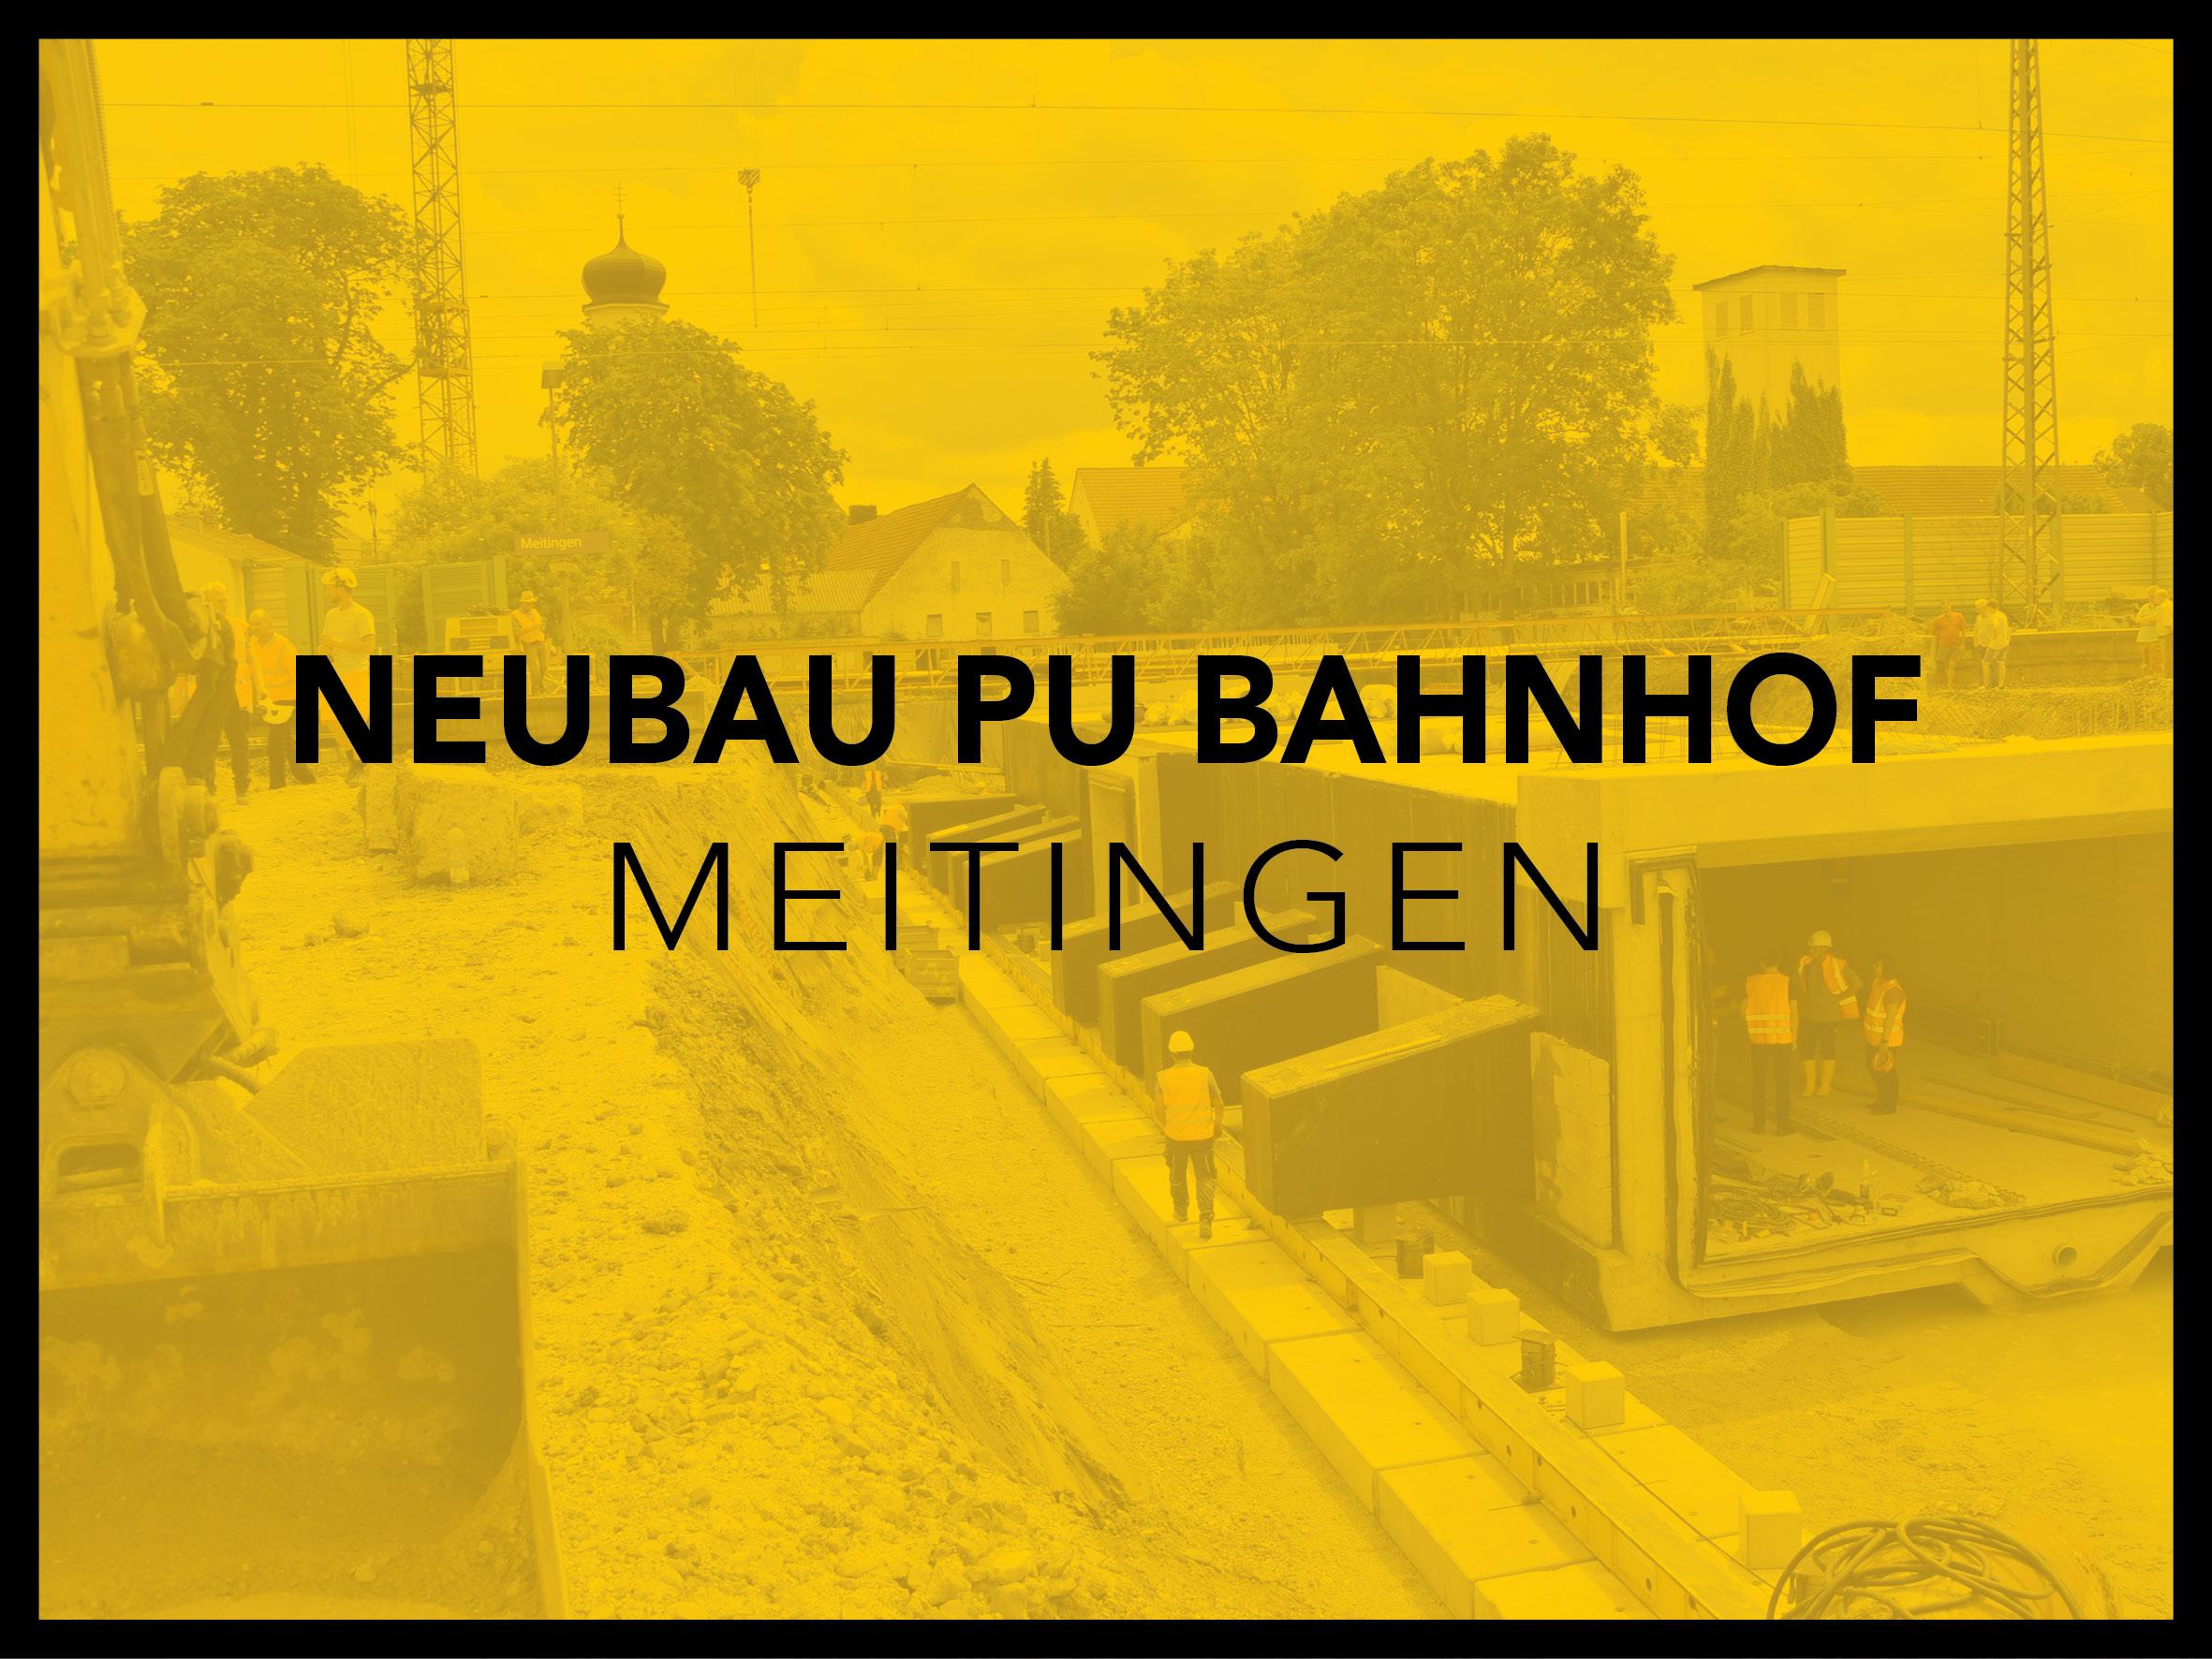 Neubau PU Bahnhof Meitingen